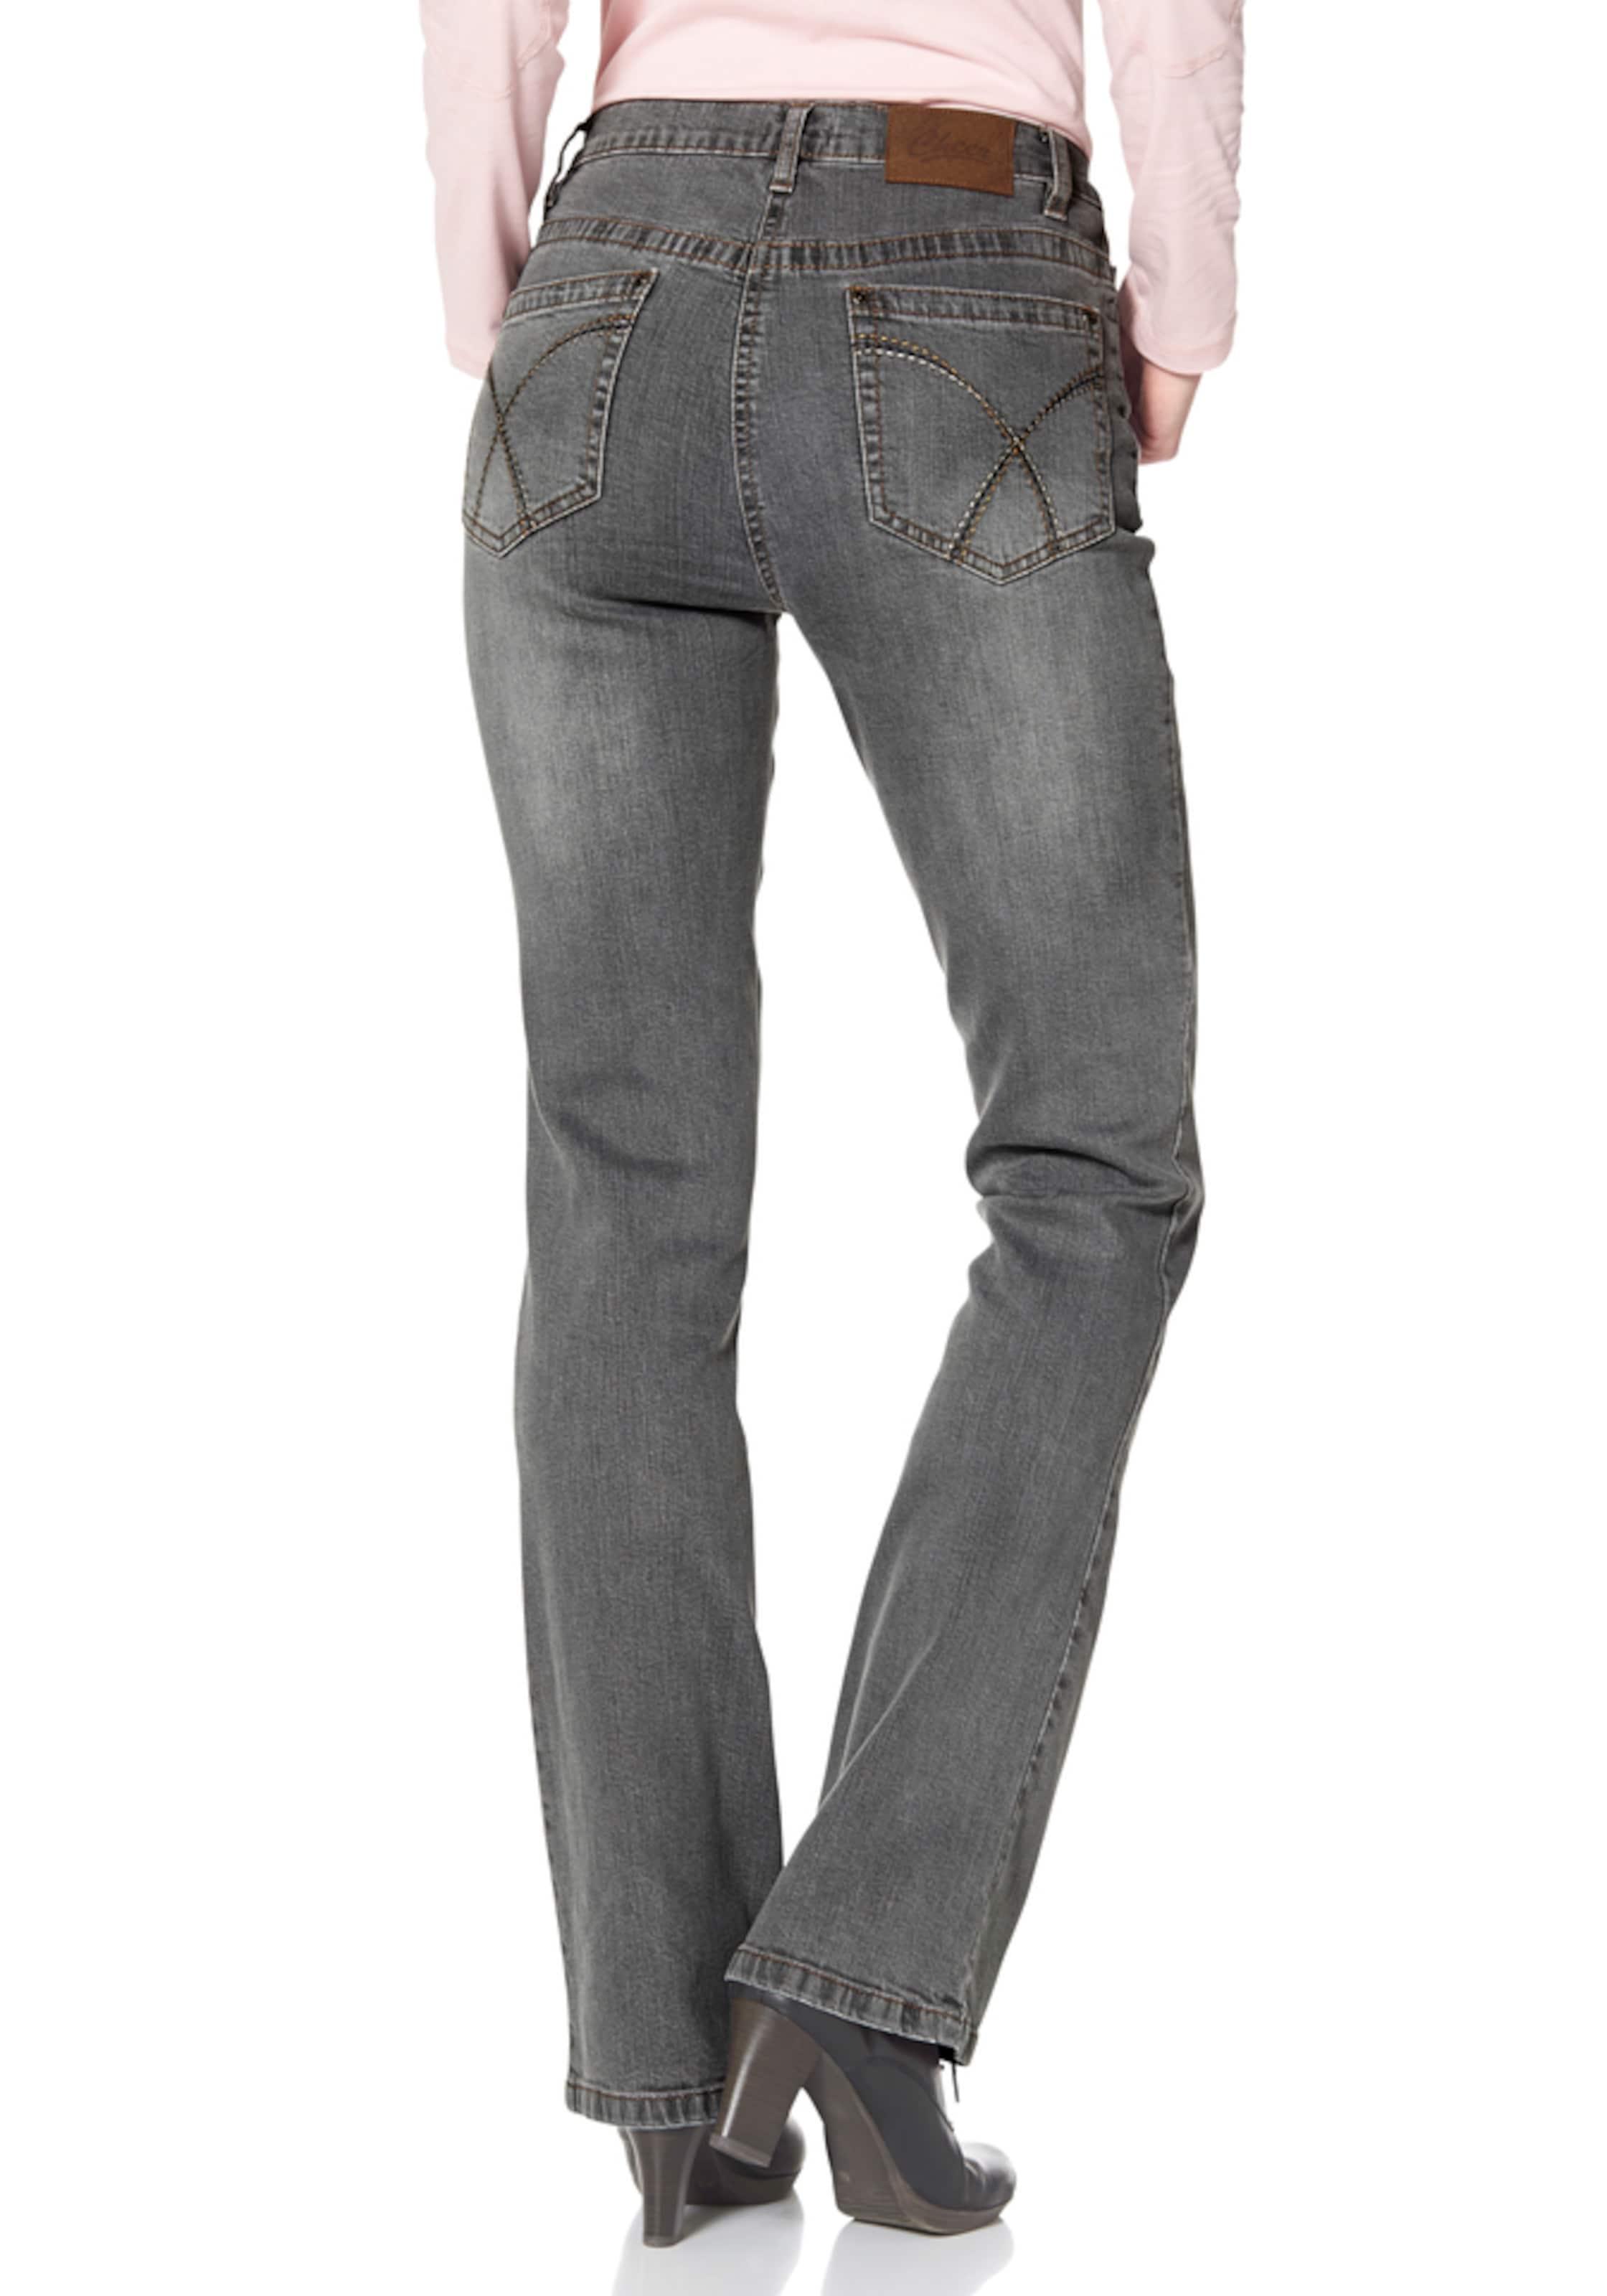 Rabatt Online-Shopping In Deutschland Günstigem Preis CHEER Bootcut-Jeans 2F3YF